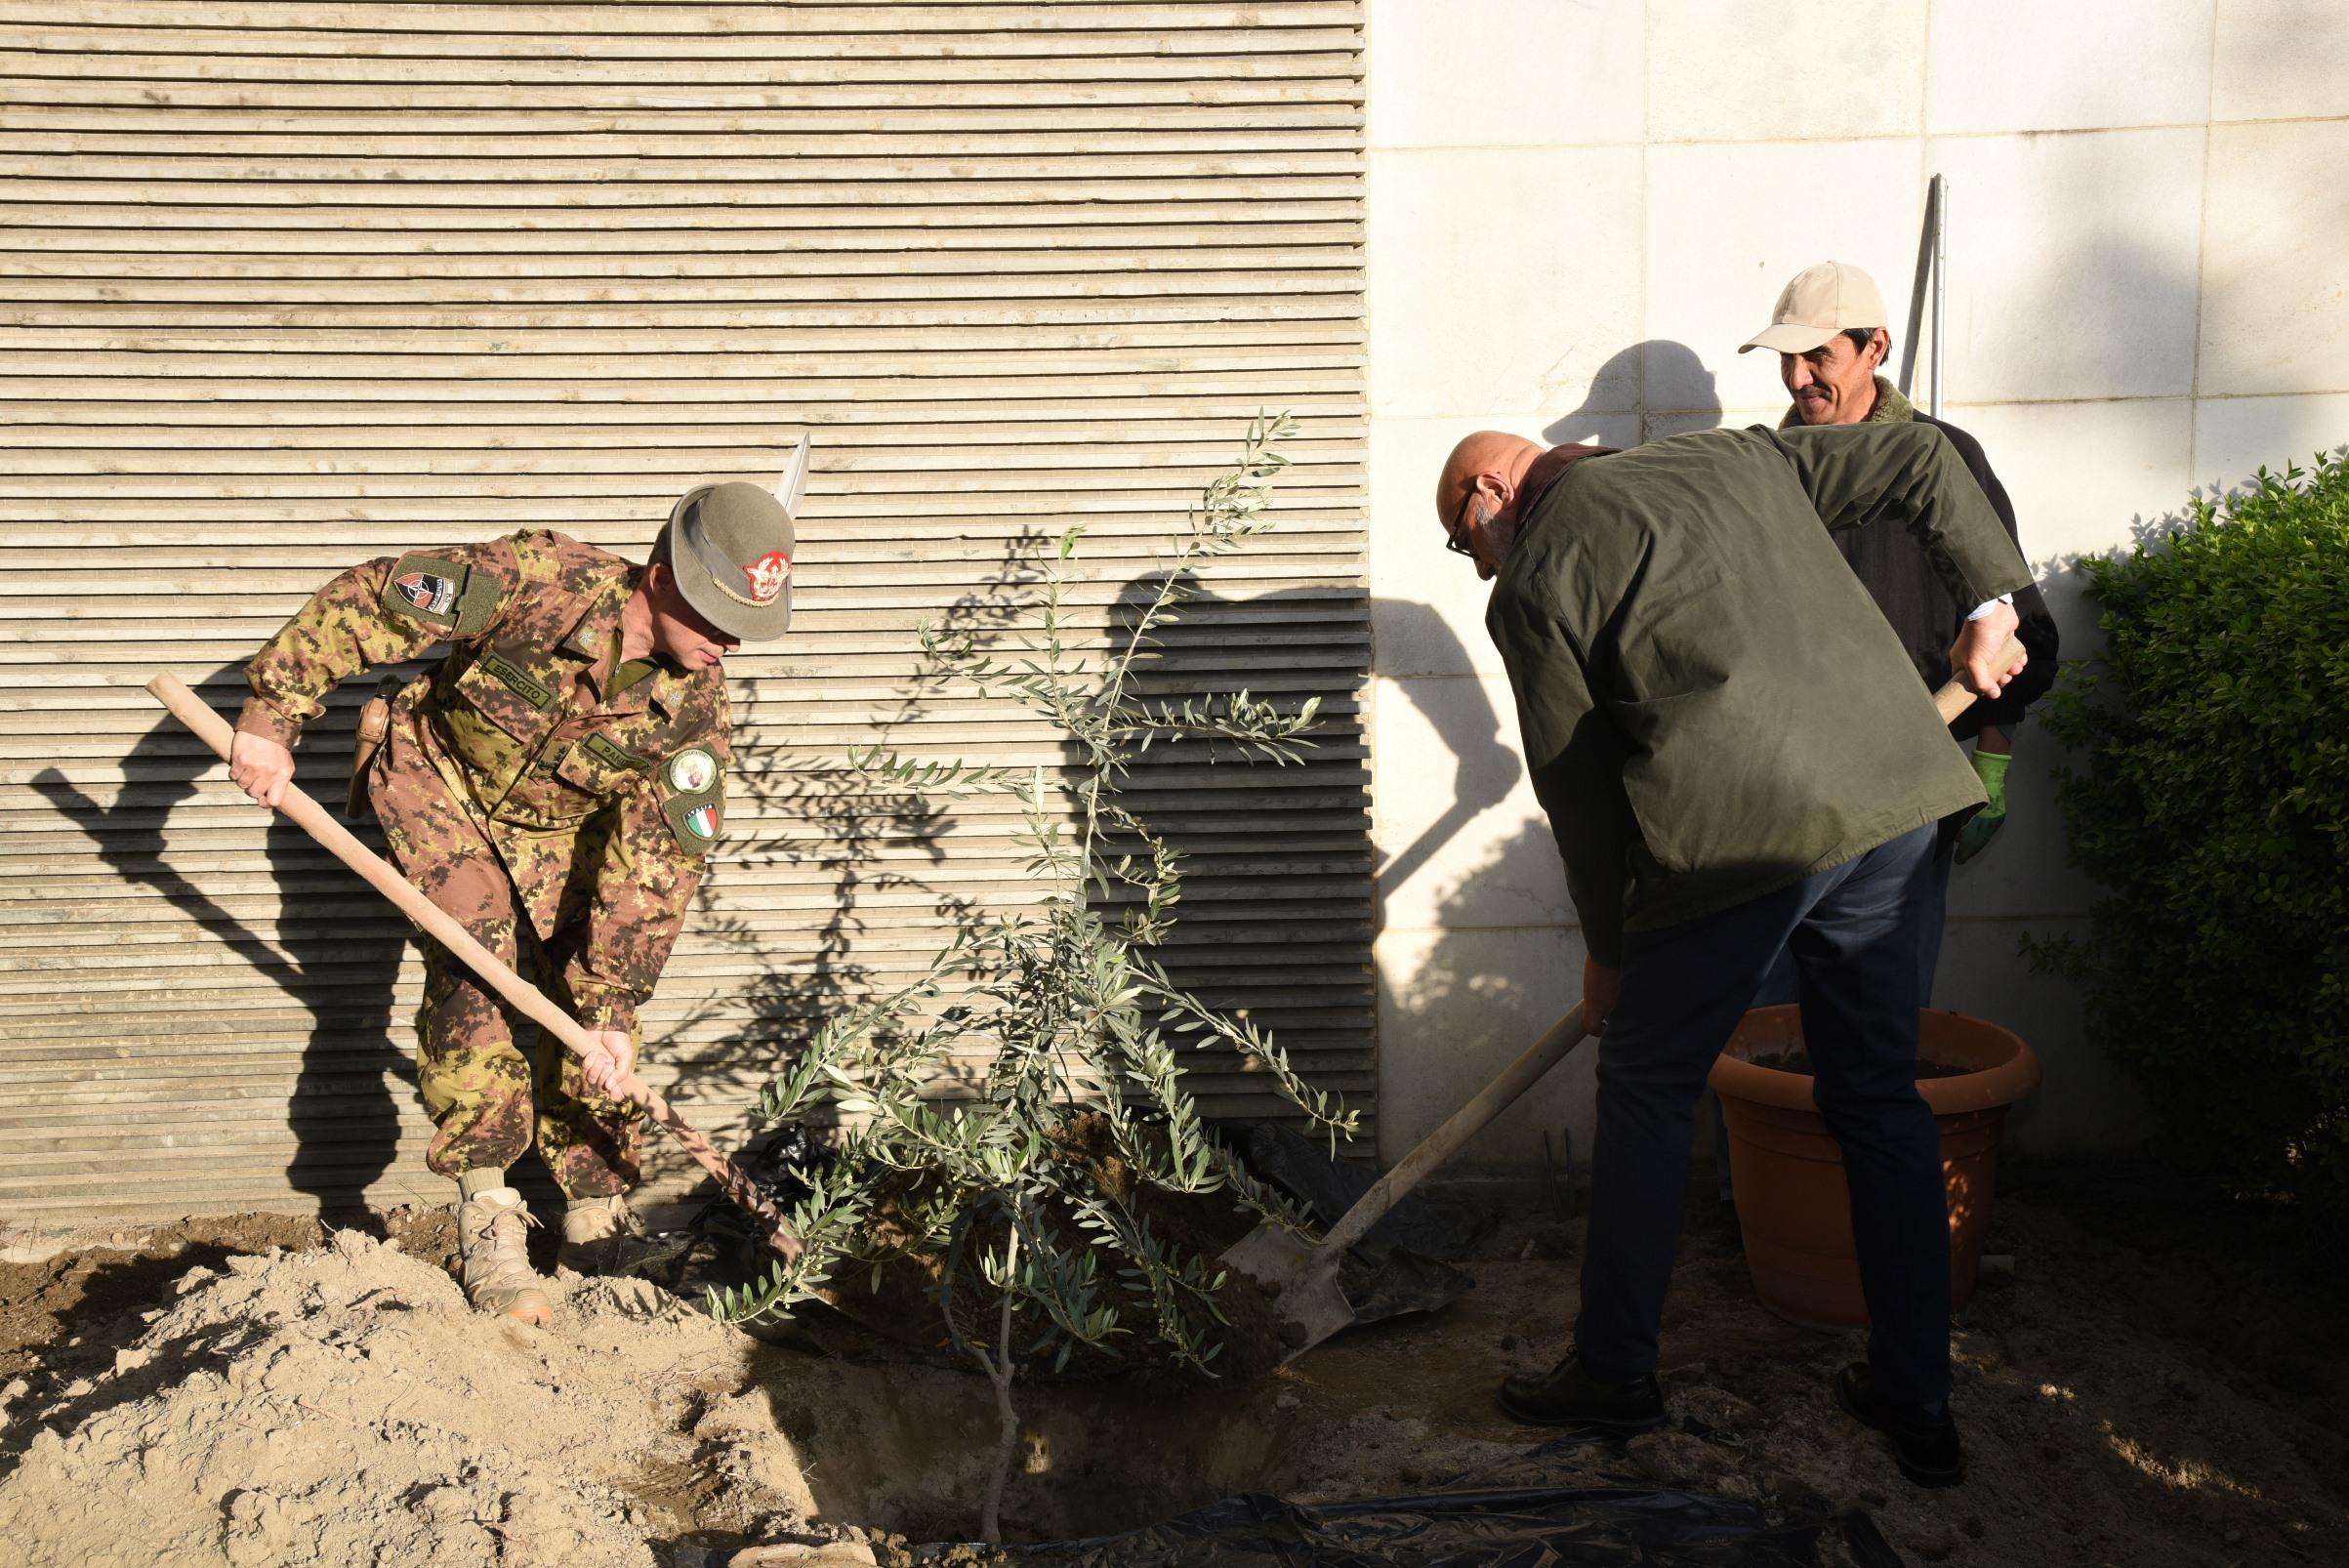 2. Afghanistan, l'Ambasciatore Roberto Cantone (a destra) e il Generale di Divisione Massimo Panizzi (a sinistra) trapiantano l'Ulivo della pace